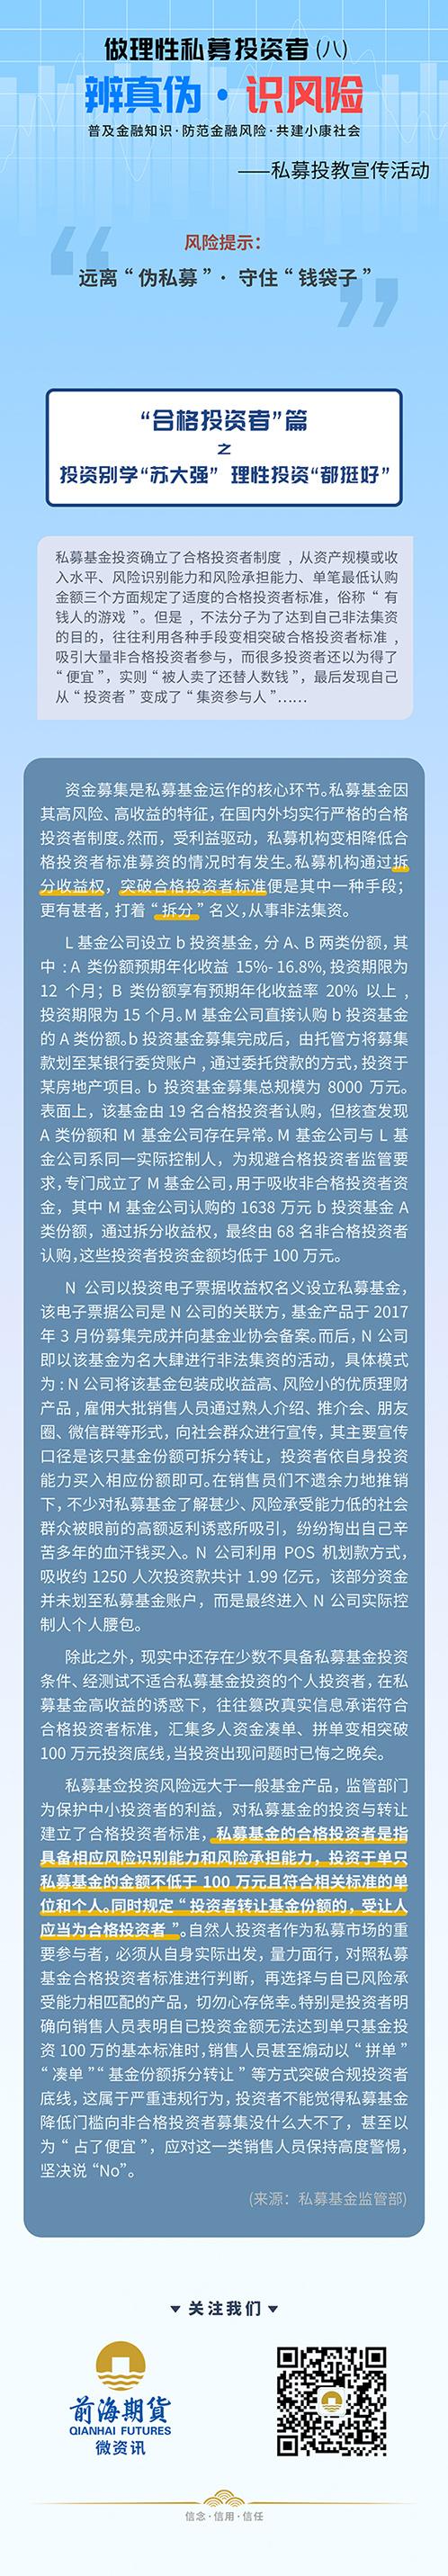 私募基金长图20190912.jpg